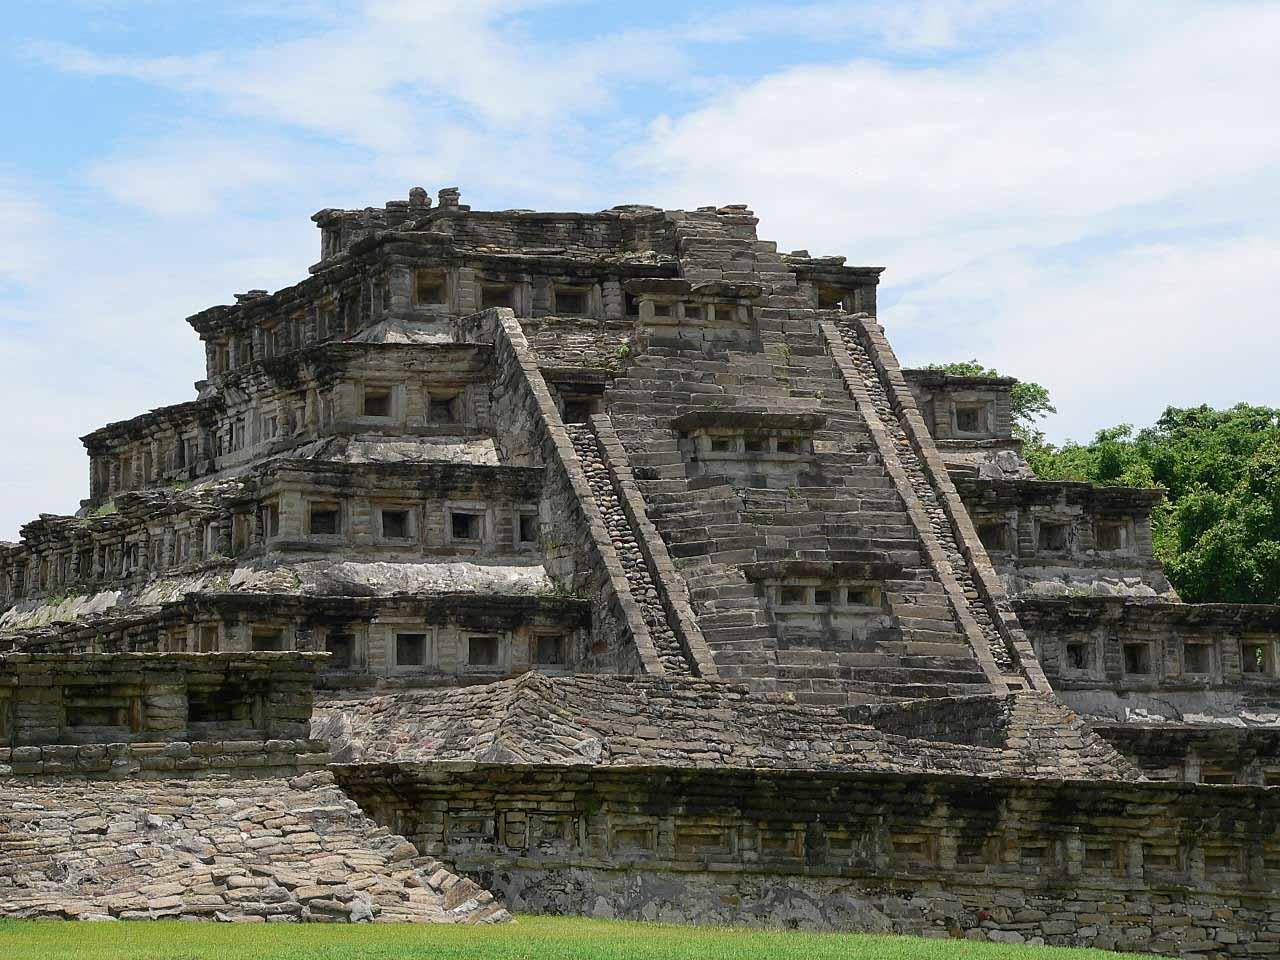 Piramida nișelor de la El Tajín, Veracruz, Mexic